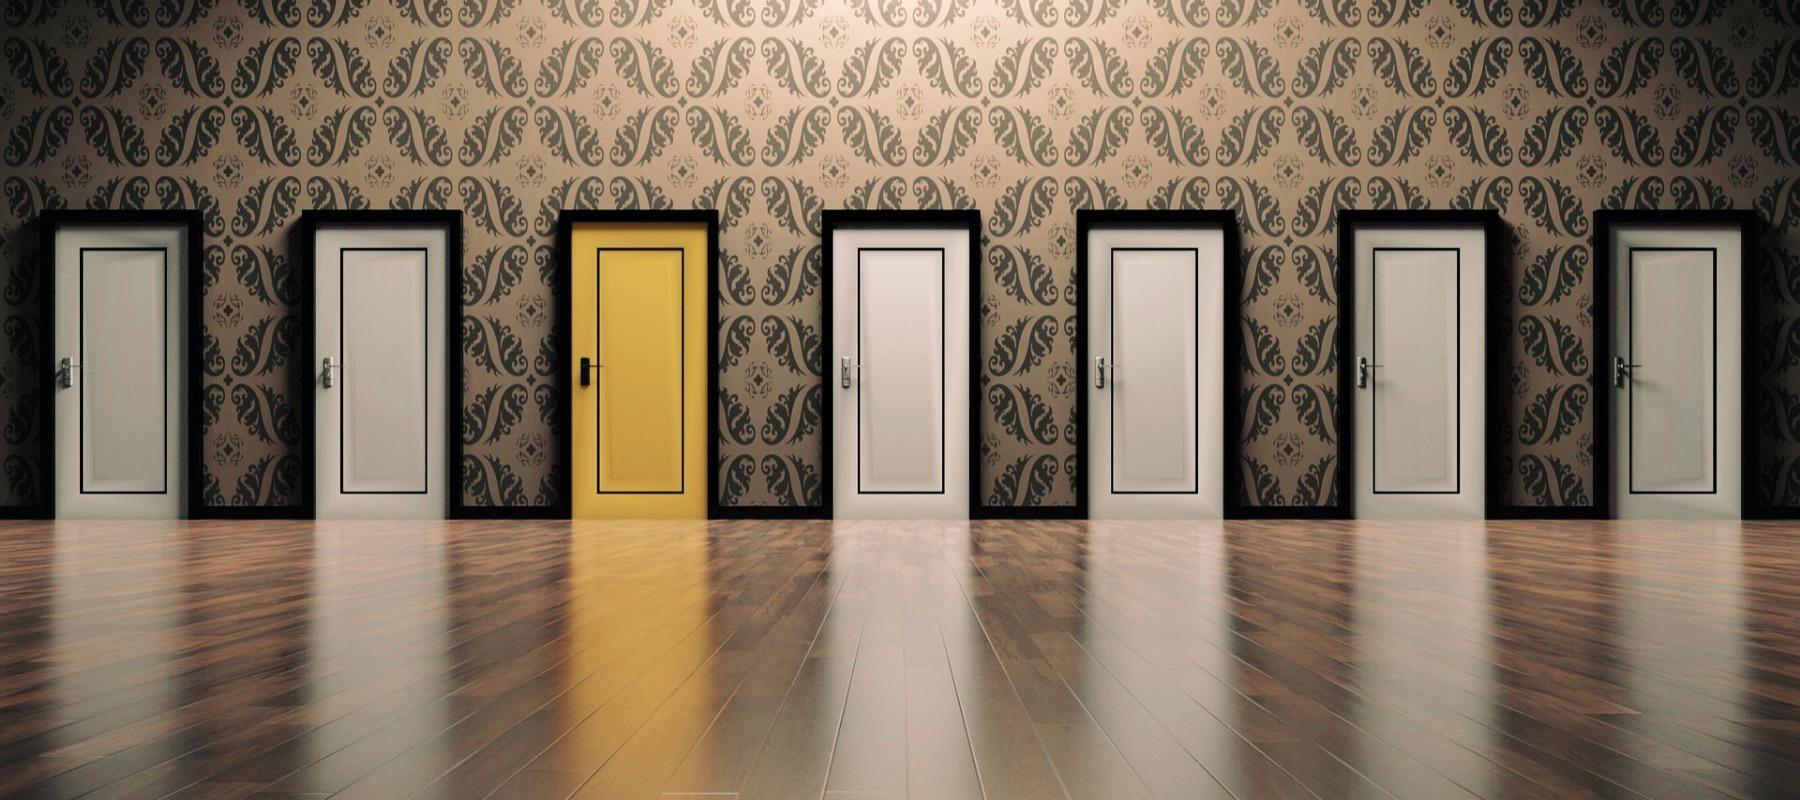 doors-1767563_1920-2